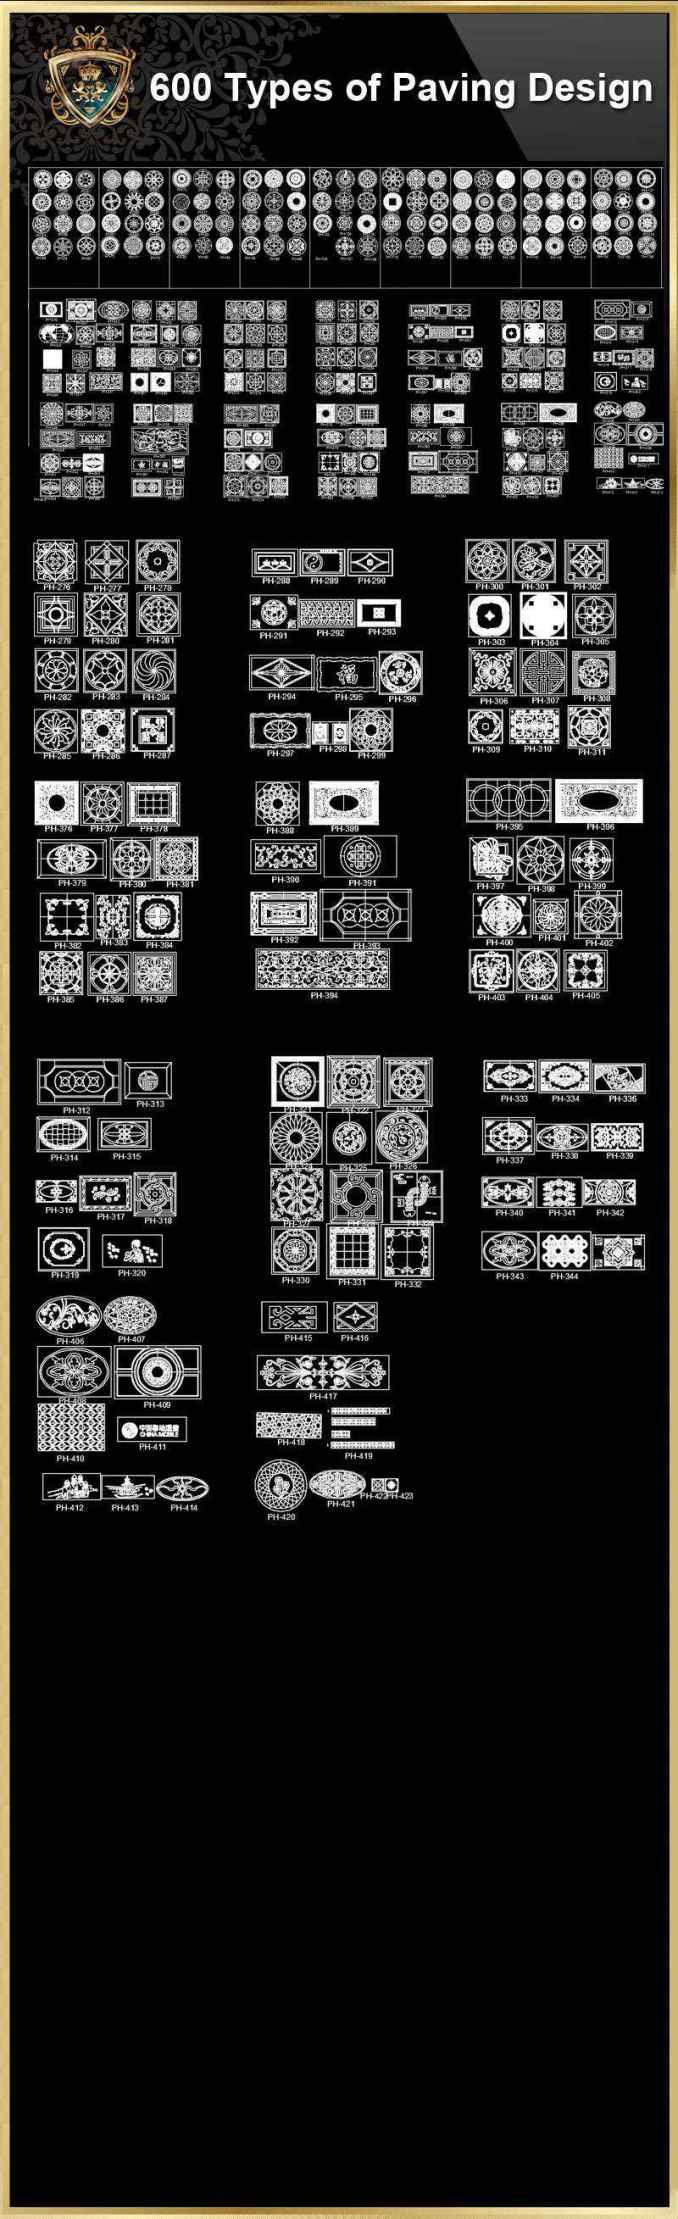 Over 600 Types Of Paving Design Cad Blocks Download Cad